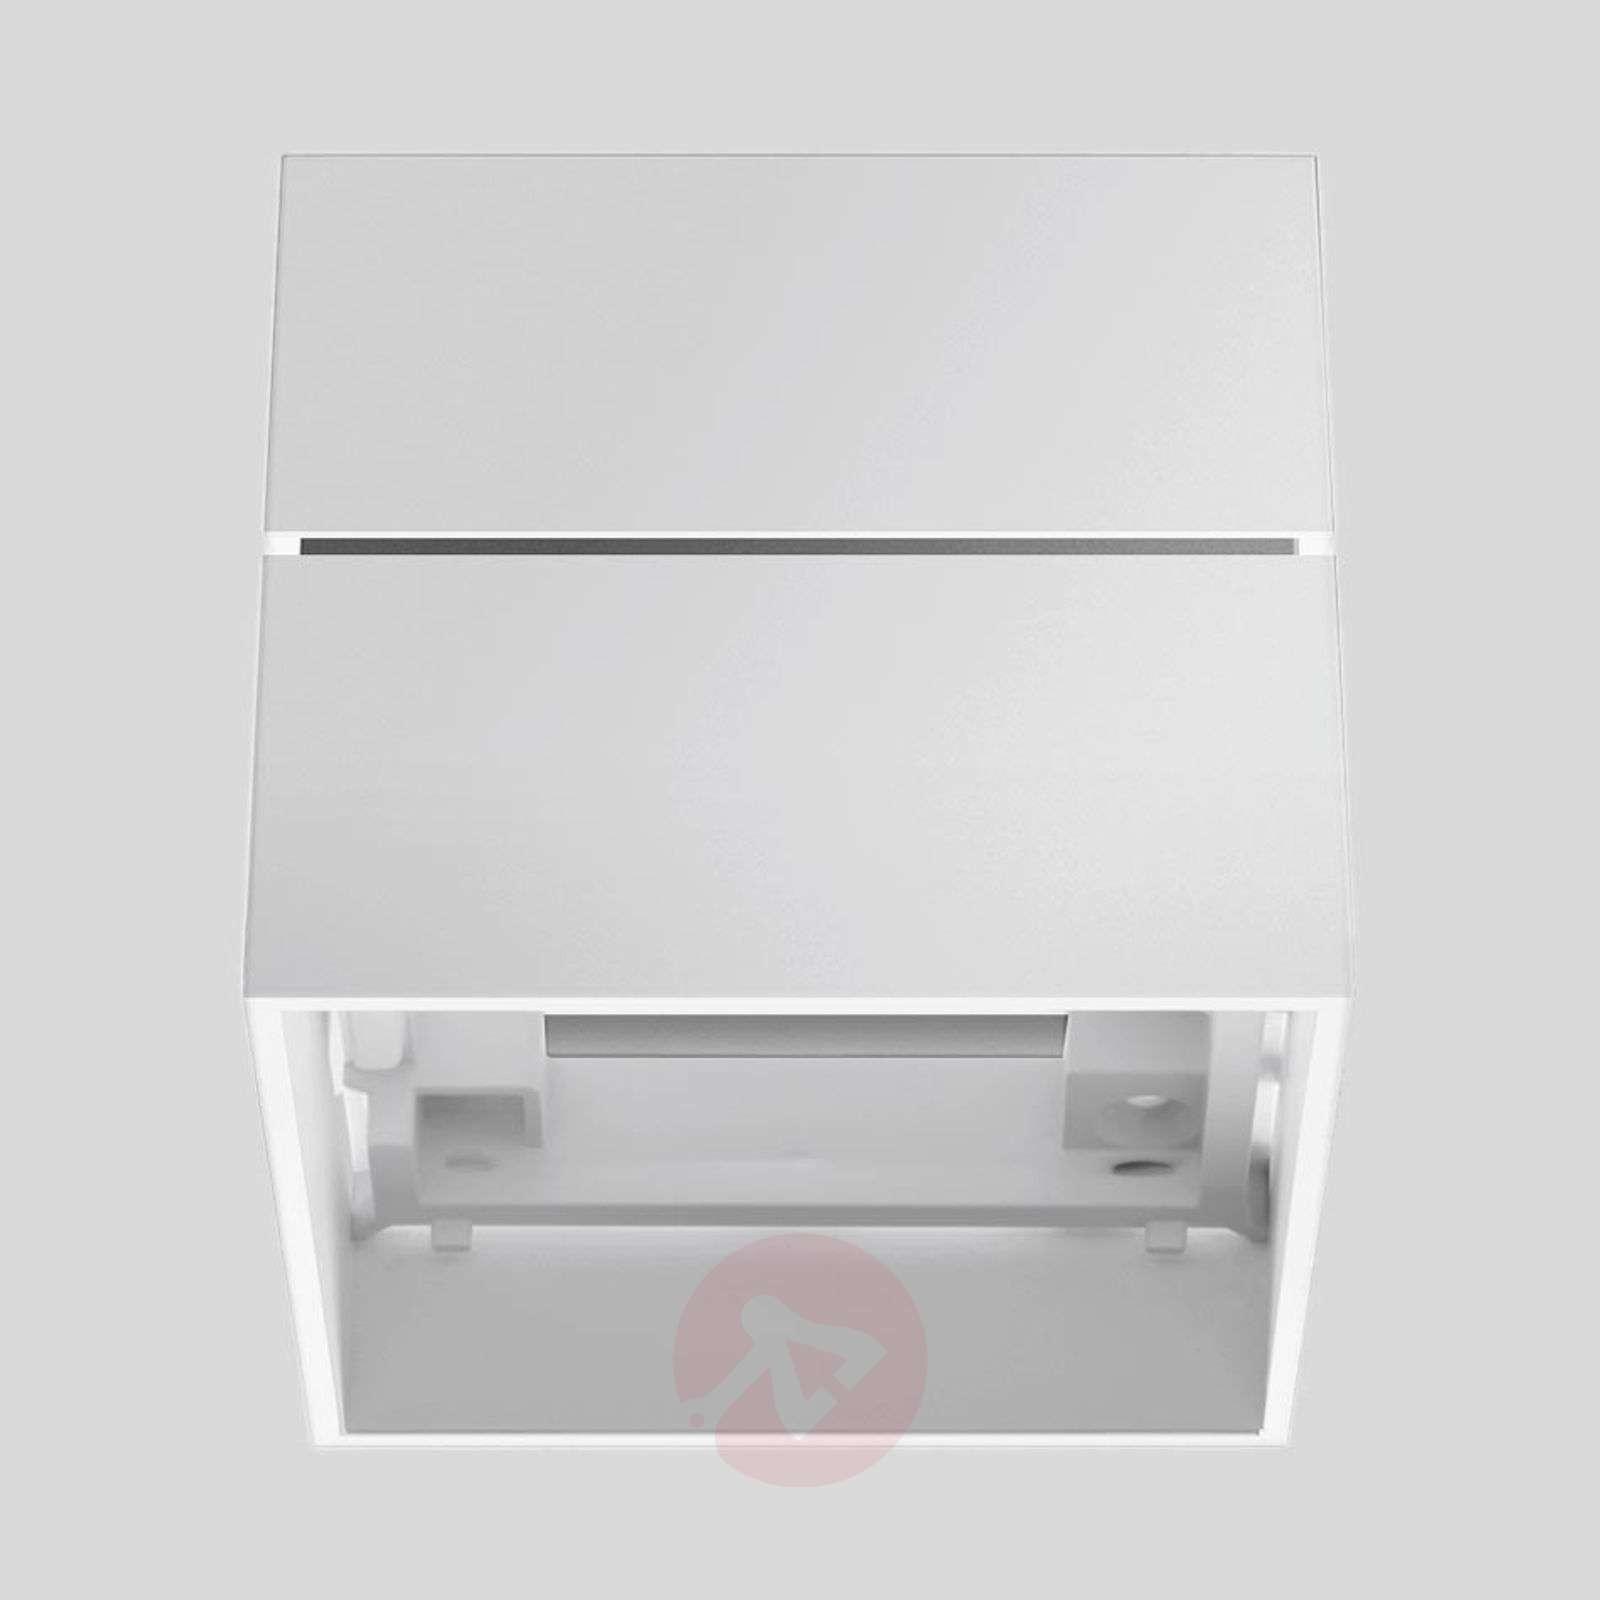 LED-kattovalaisin PAD80 säädettävällä linssillä-1061014-08